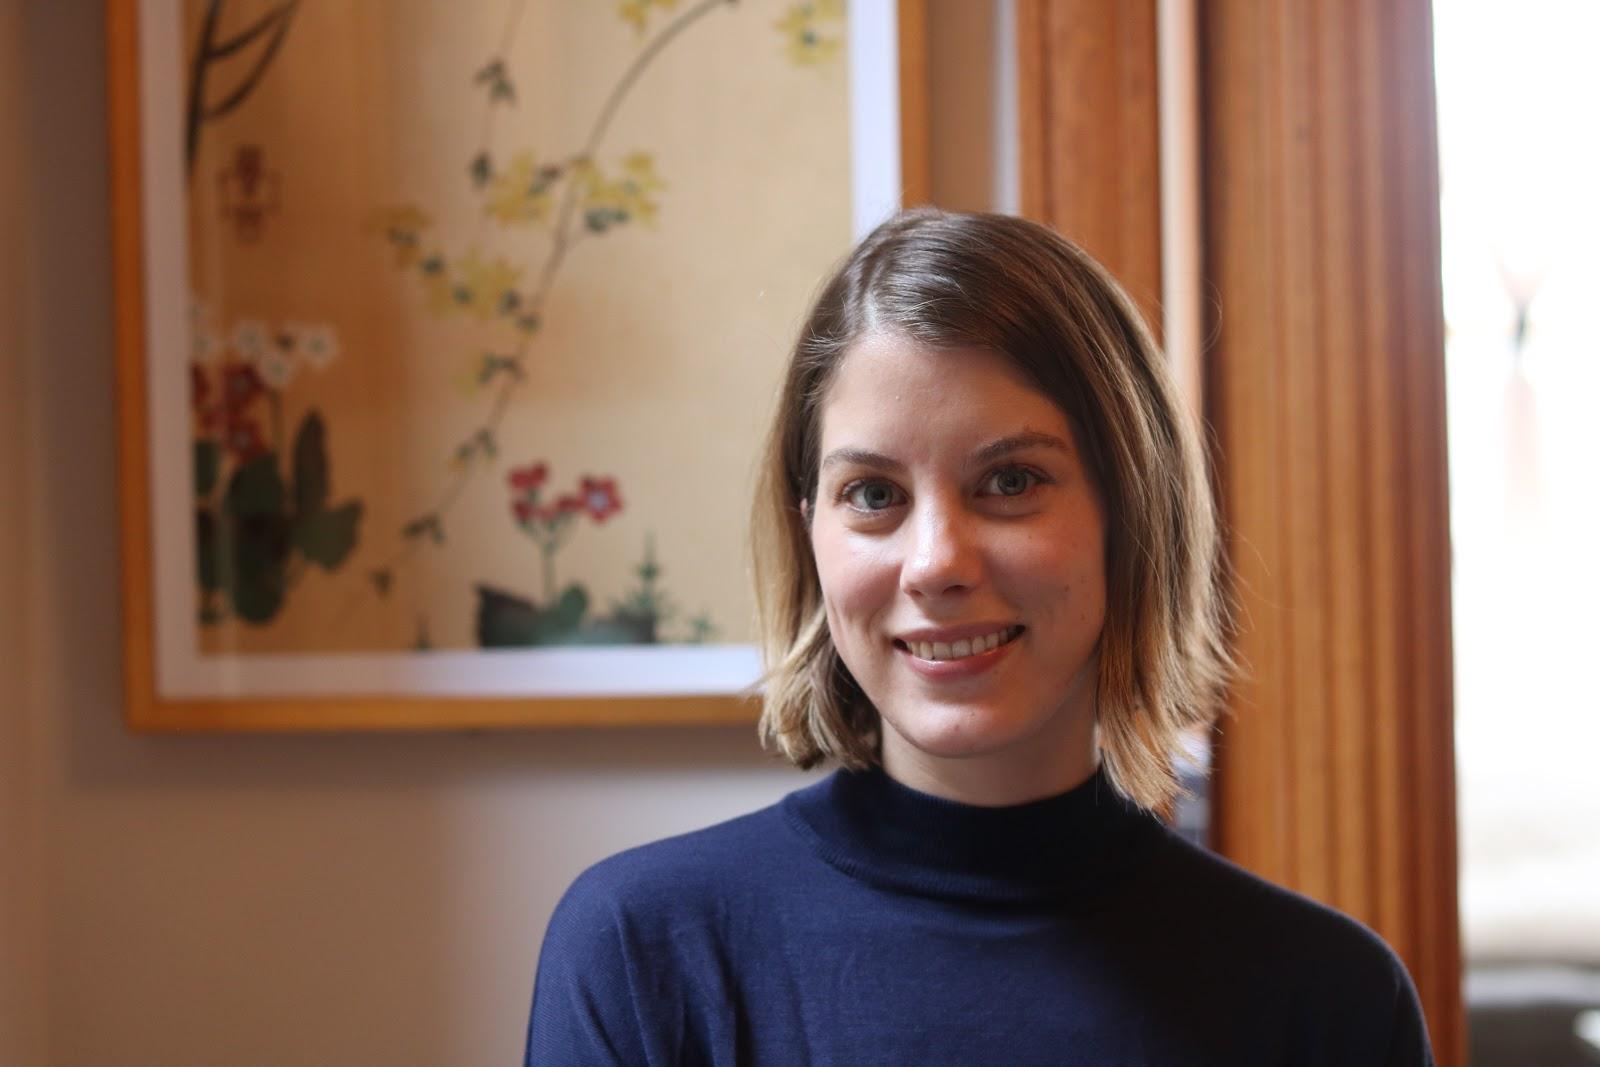 Sarah Merchant